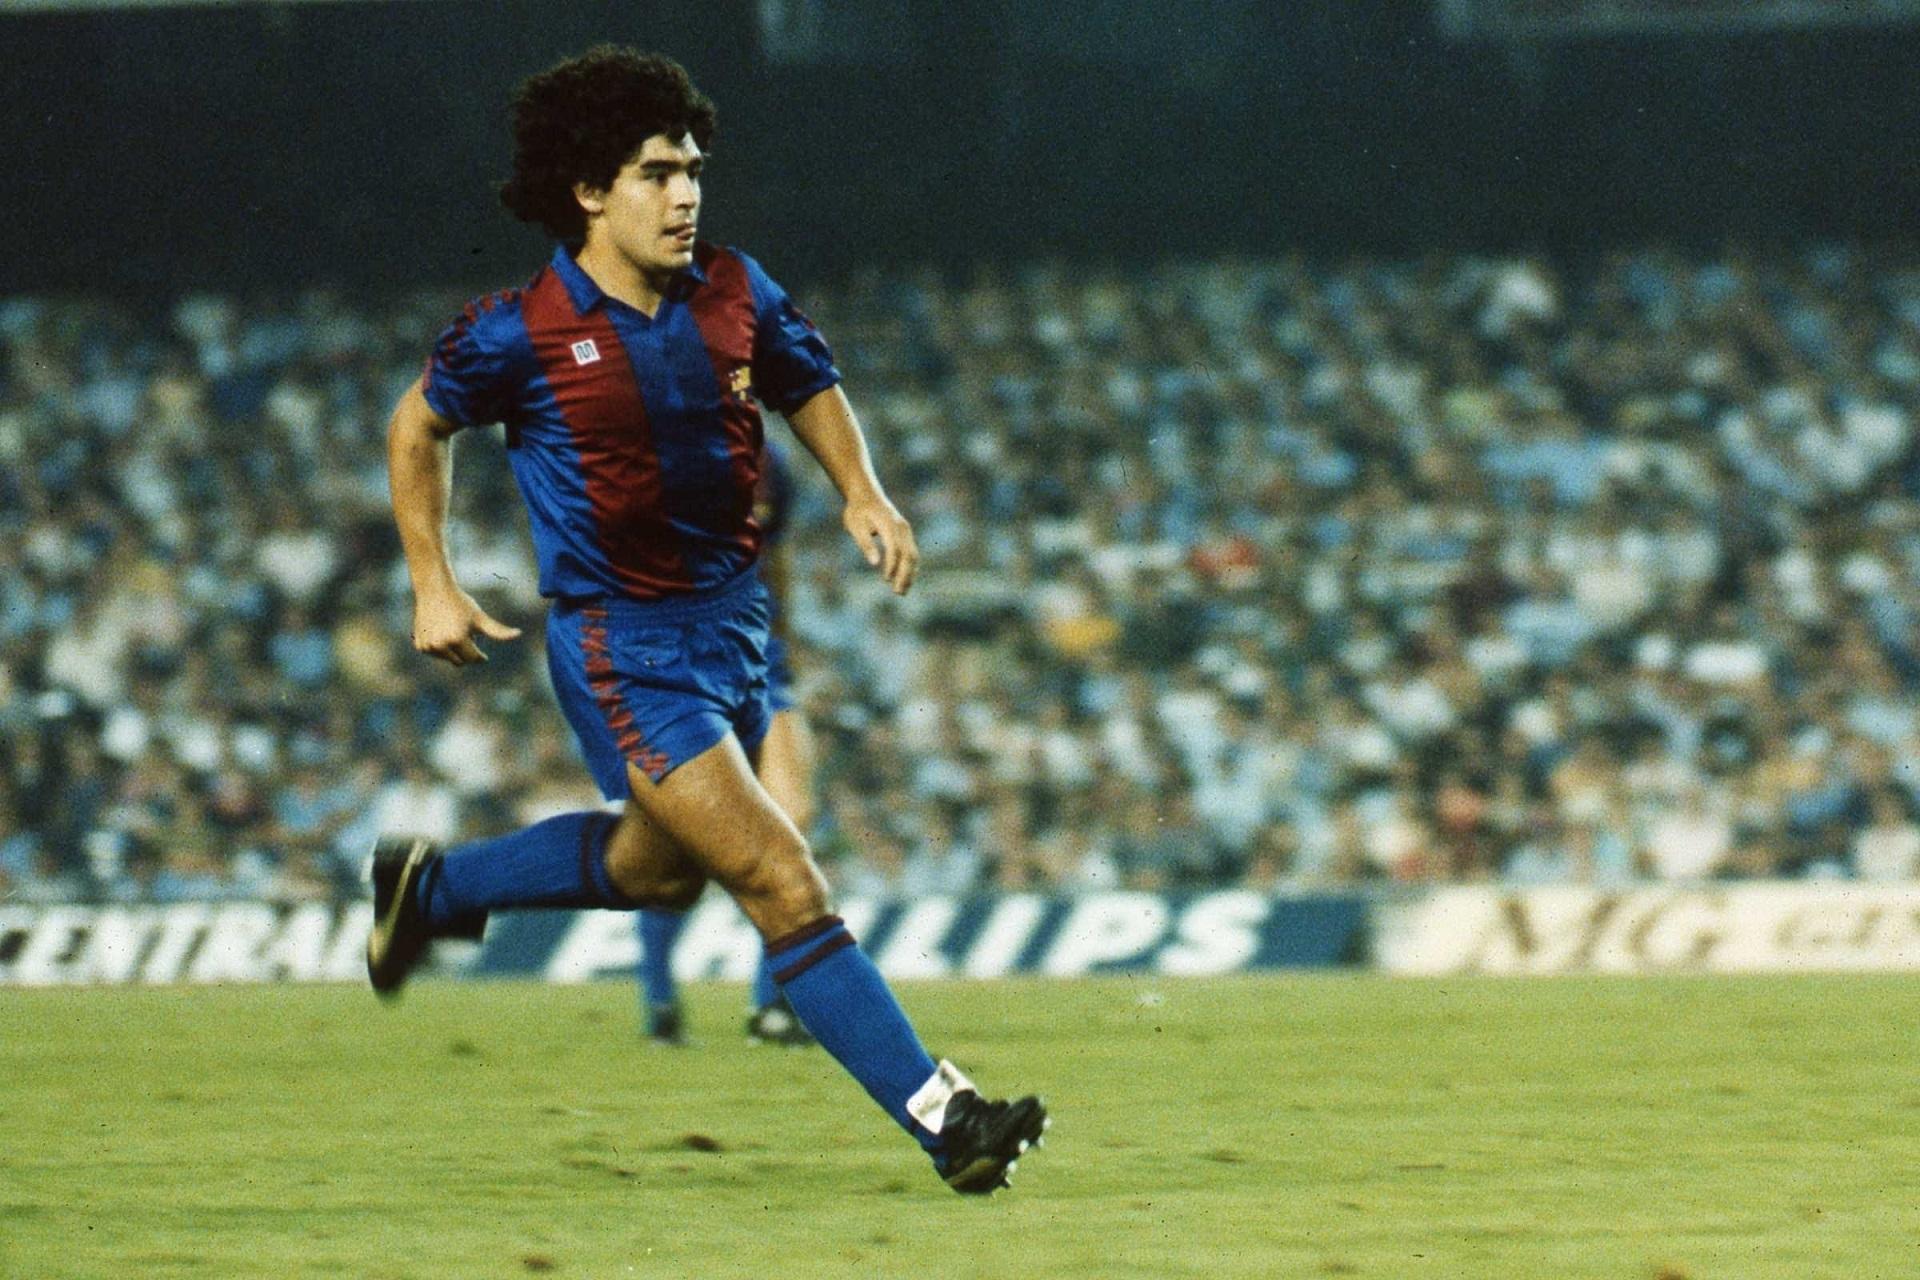 Argentine soccer great Diego Maradona is suing Konami